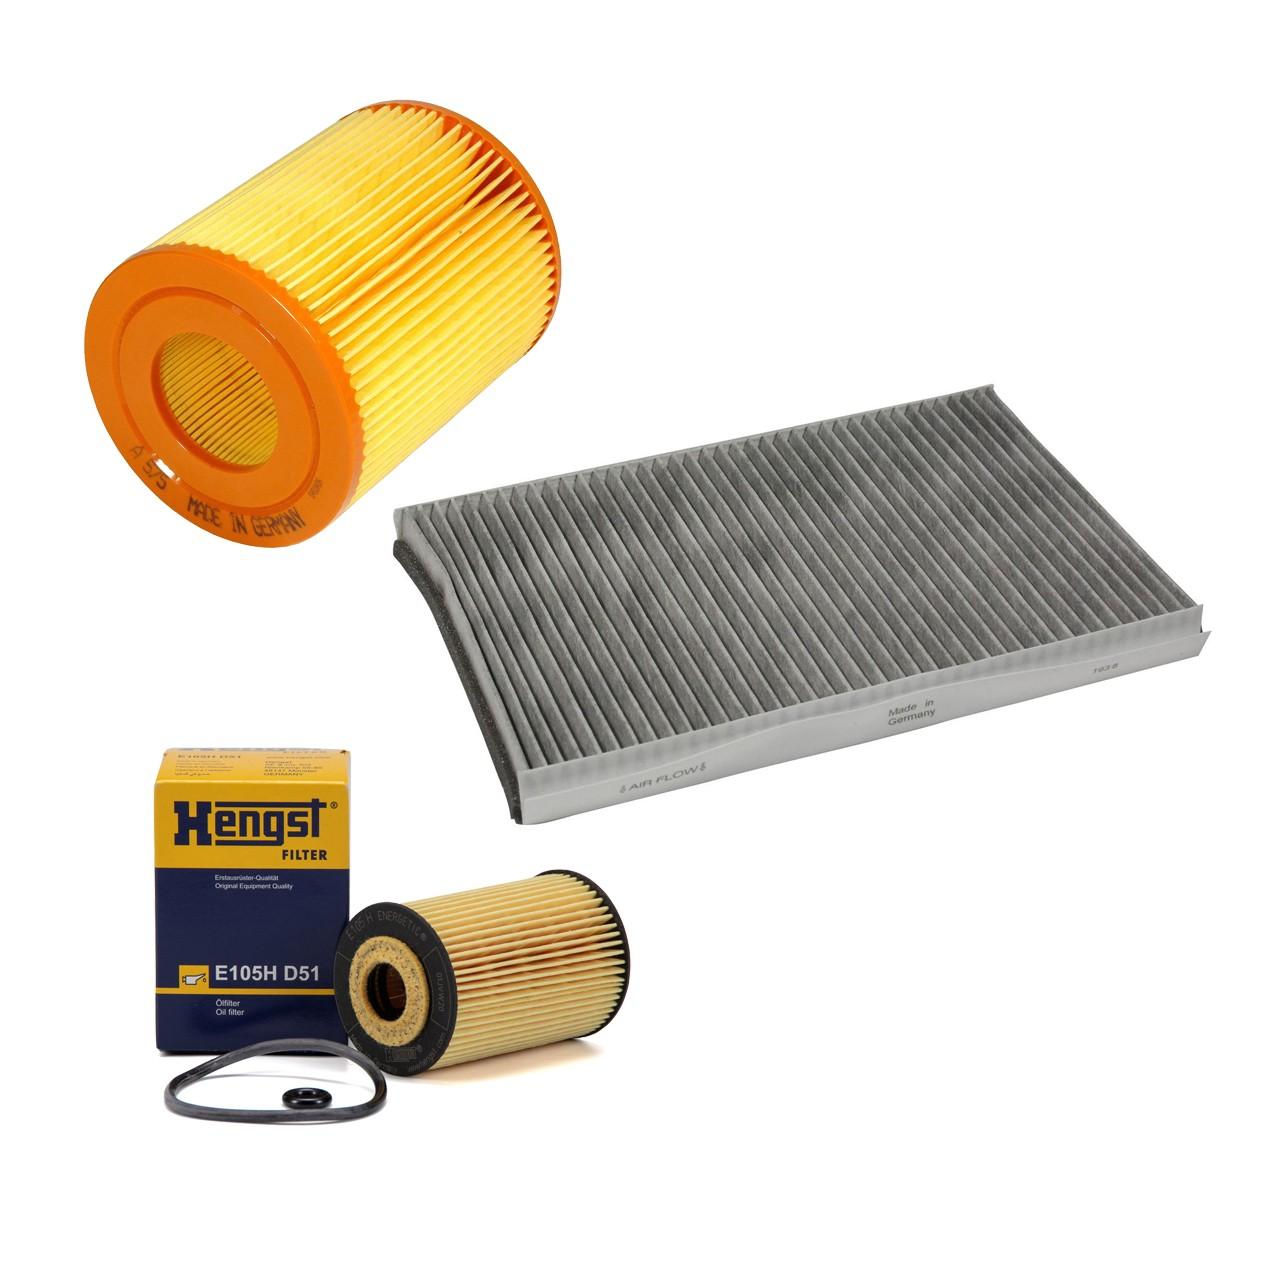 Filterpaket Filterset für Mercedes W168 A140-210 Vaneo 414 1.6 1.9